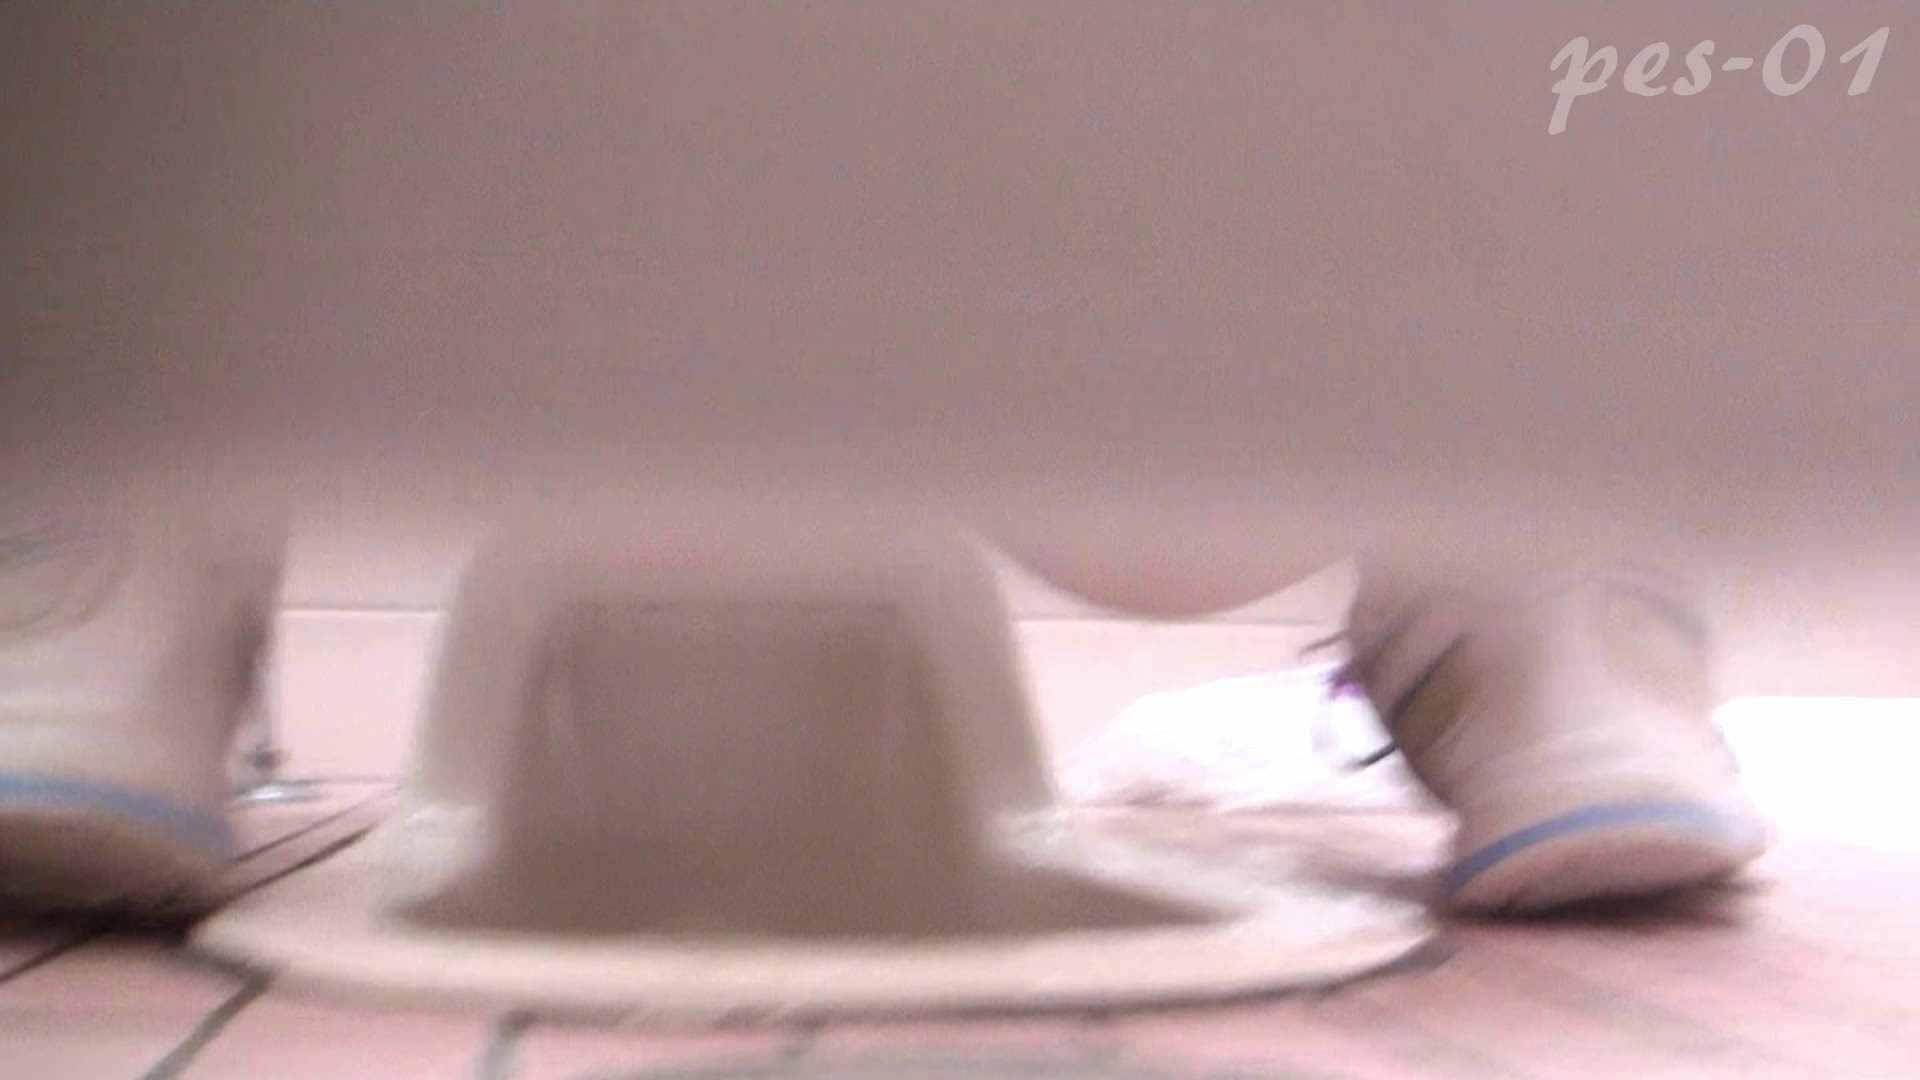 ※100個限定販売 至高下半身盗撮-プレミアム-【体育館編】VOL.1 盗撮編 性交動画流出 93枚 50